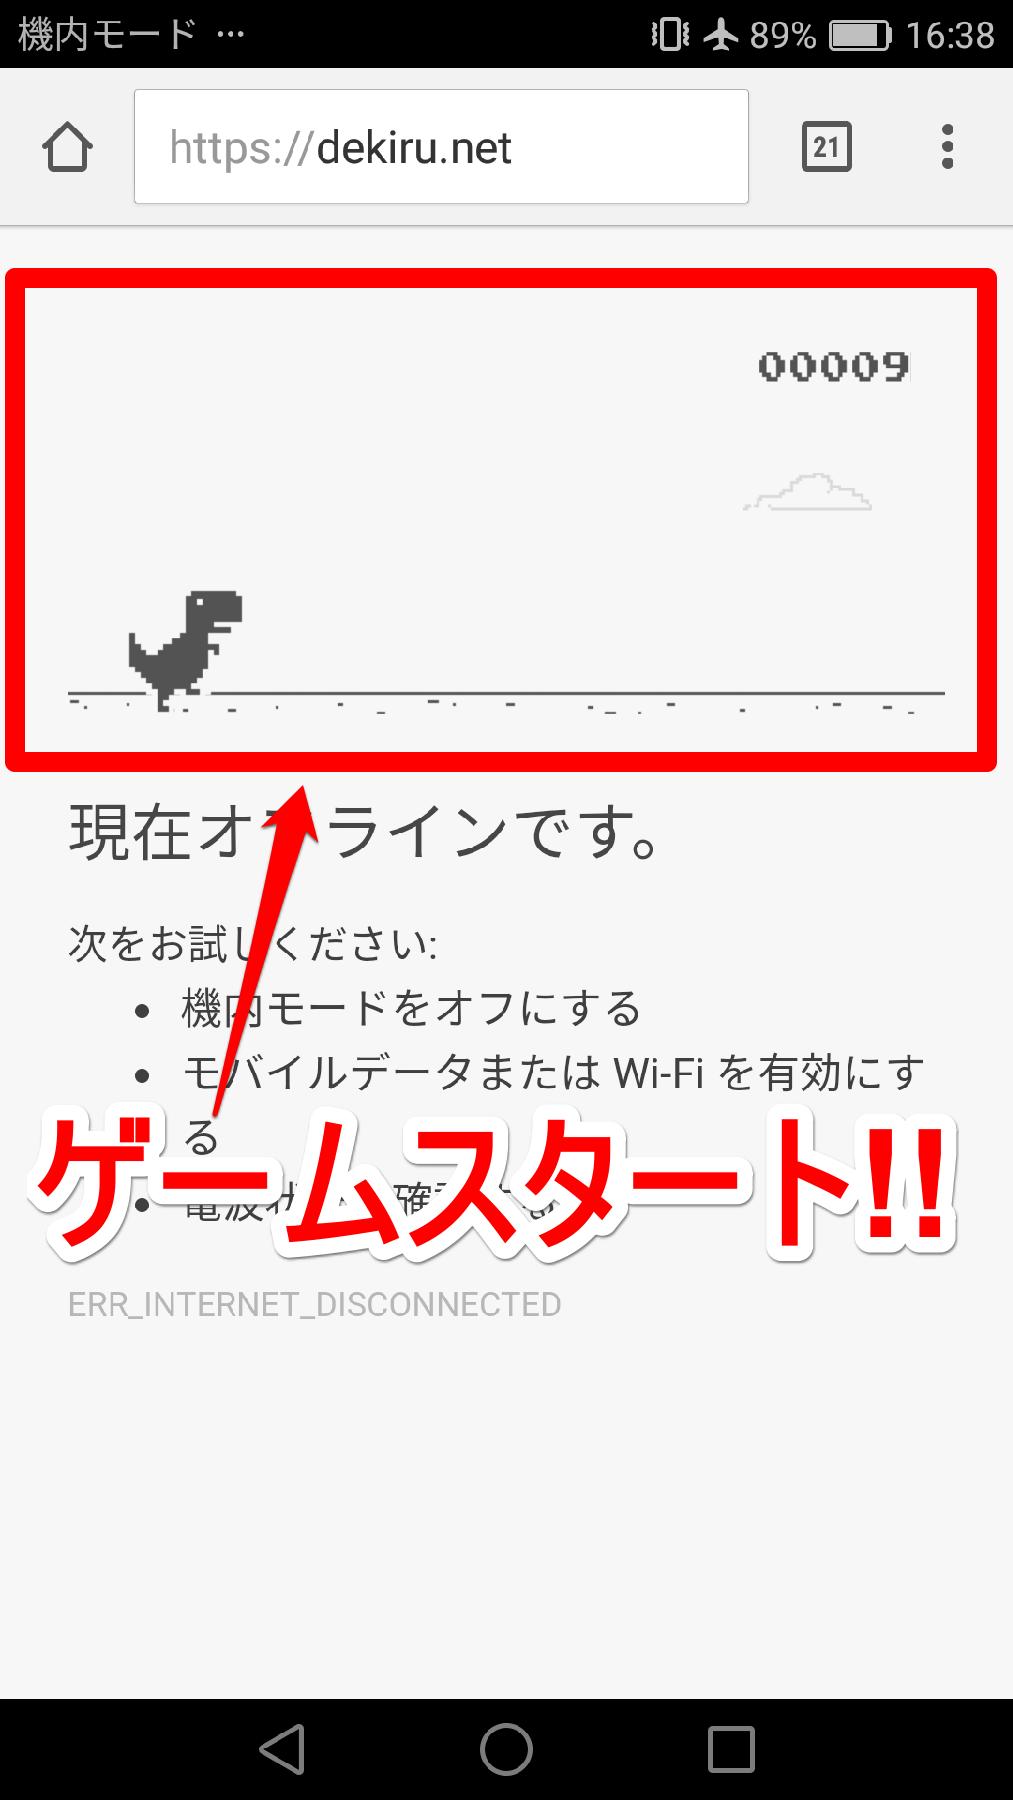 Chromeのオフラインゲームがスタートした画面